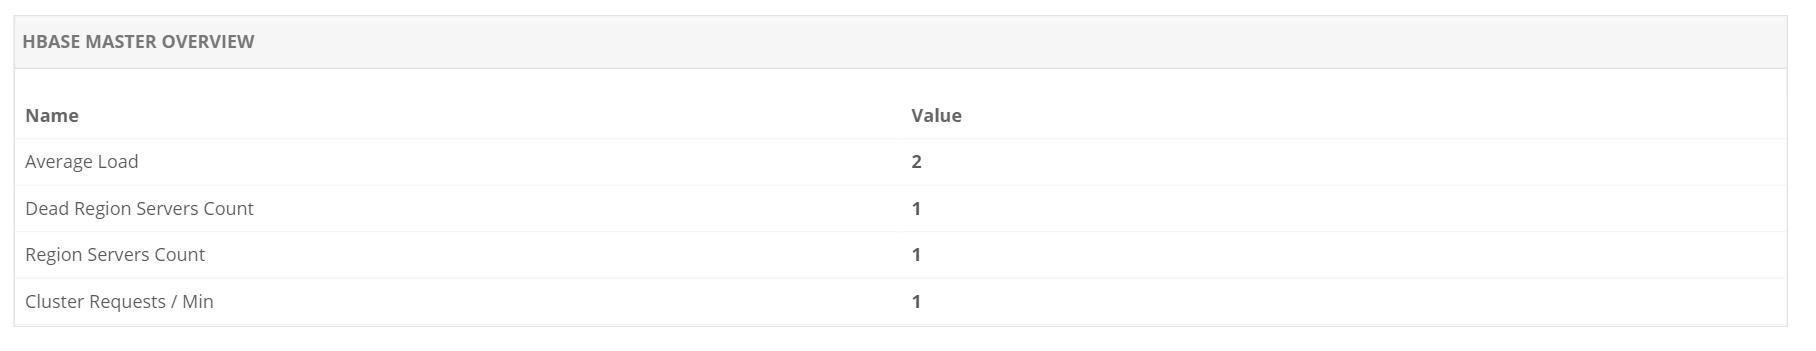 Track HBase cluster metrics